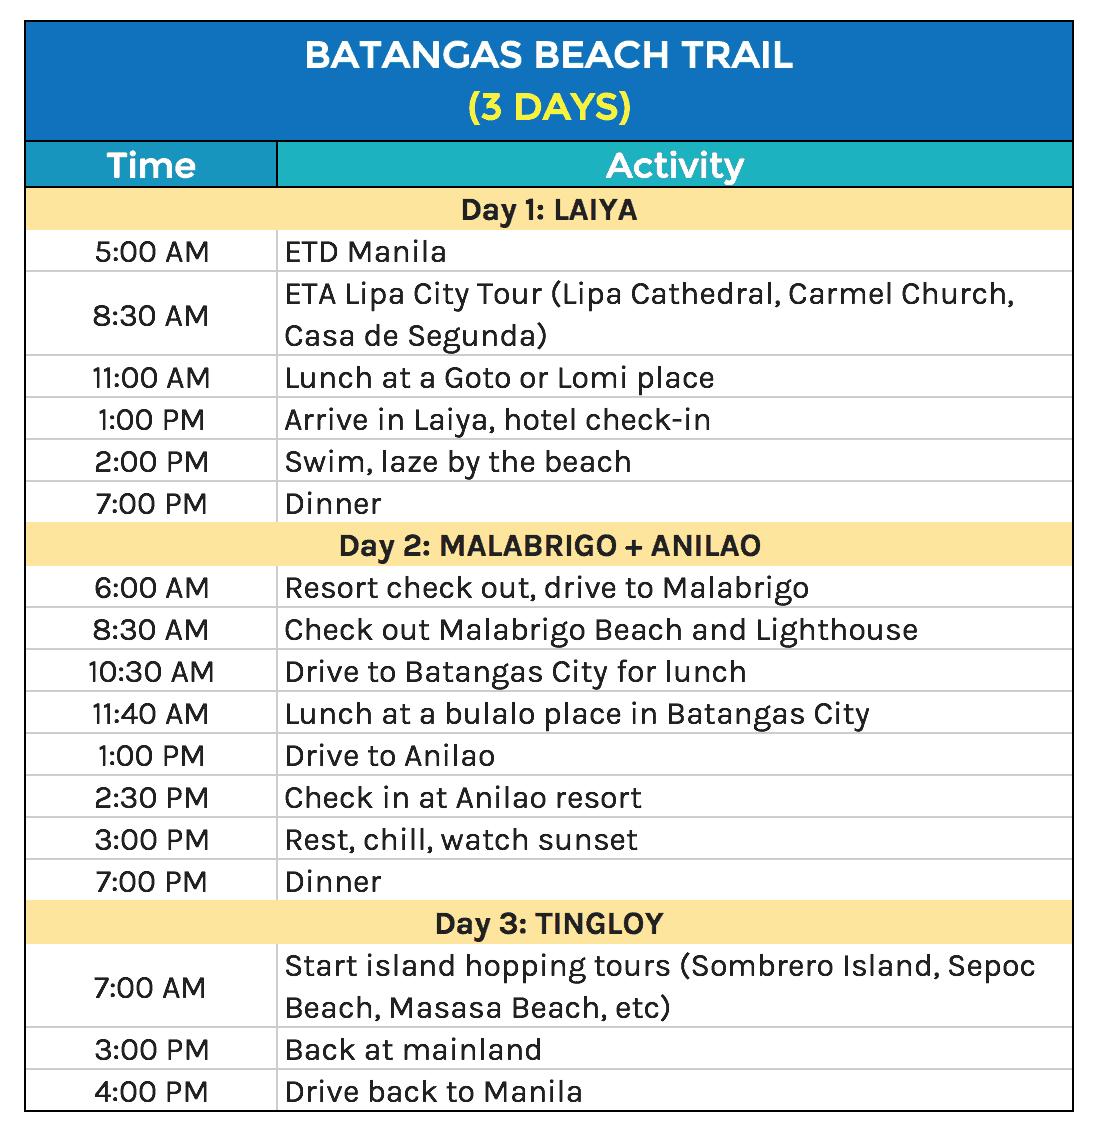 Batangas Beach Trail